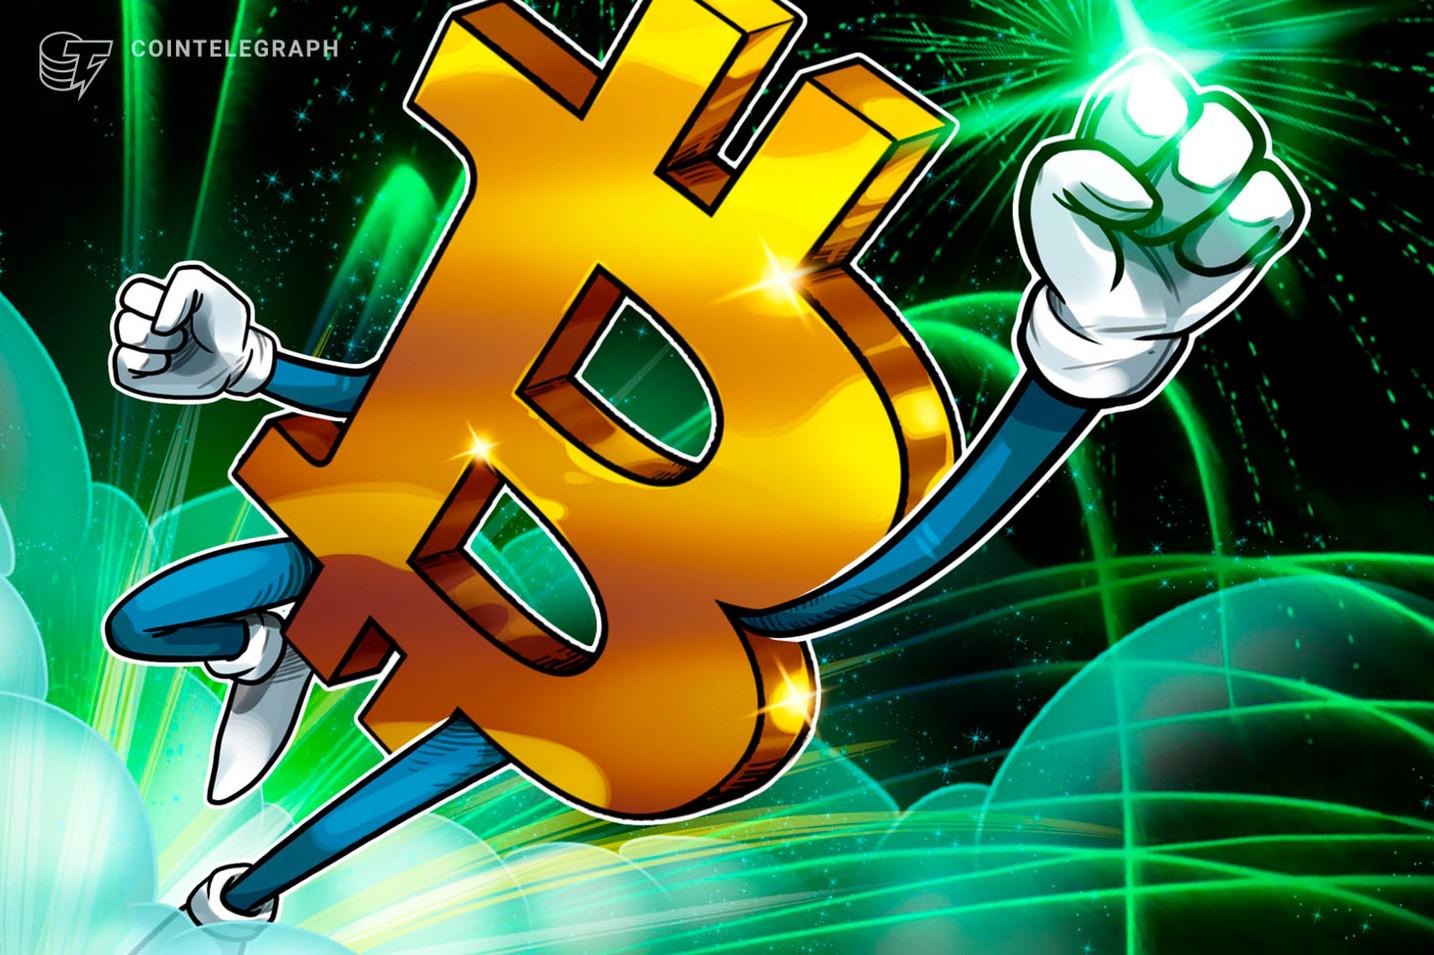 ビットコインの採掘難易度、過去最高を更新 強気相場再開なるか【仮想通貨相場】